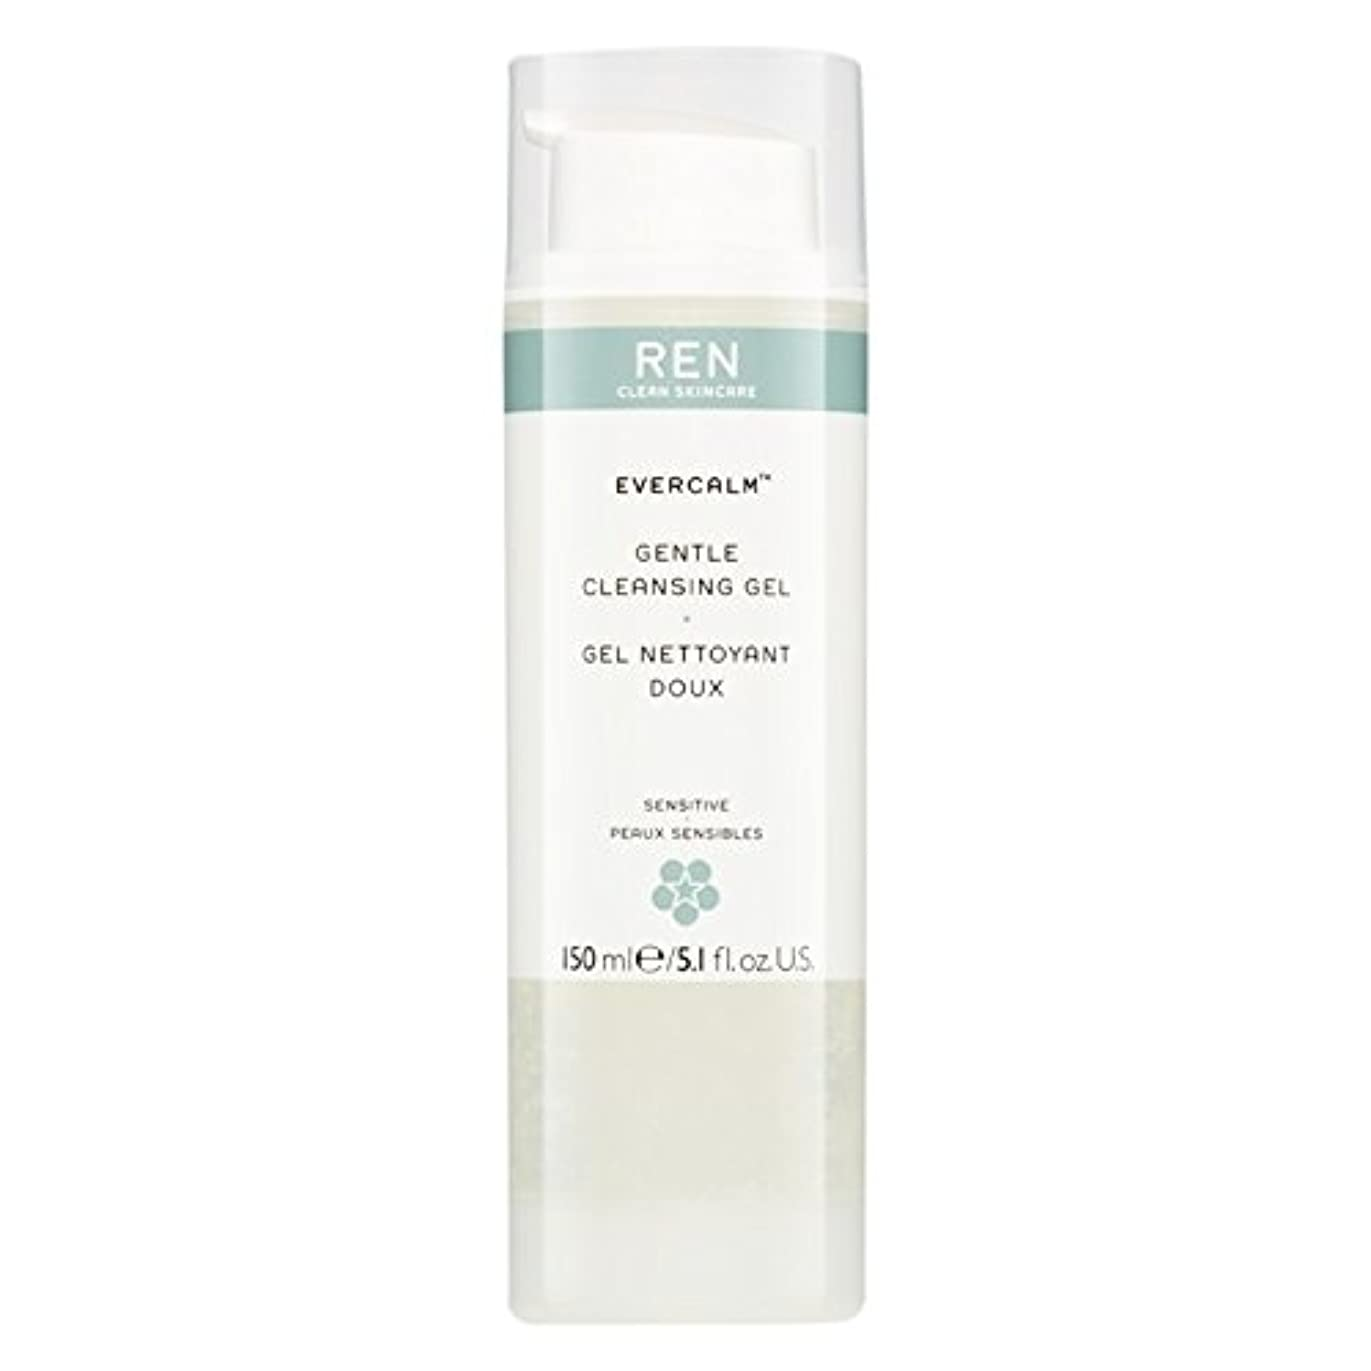 拒否誰も料理Ren Evercalm優しいクレンジングジェル、150ミリリットル (REN) - REN Evercalm Gentle Cleansing Gel, 150ml [並行輸入品]